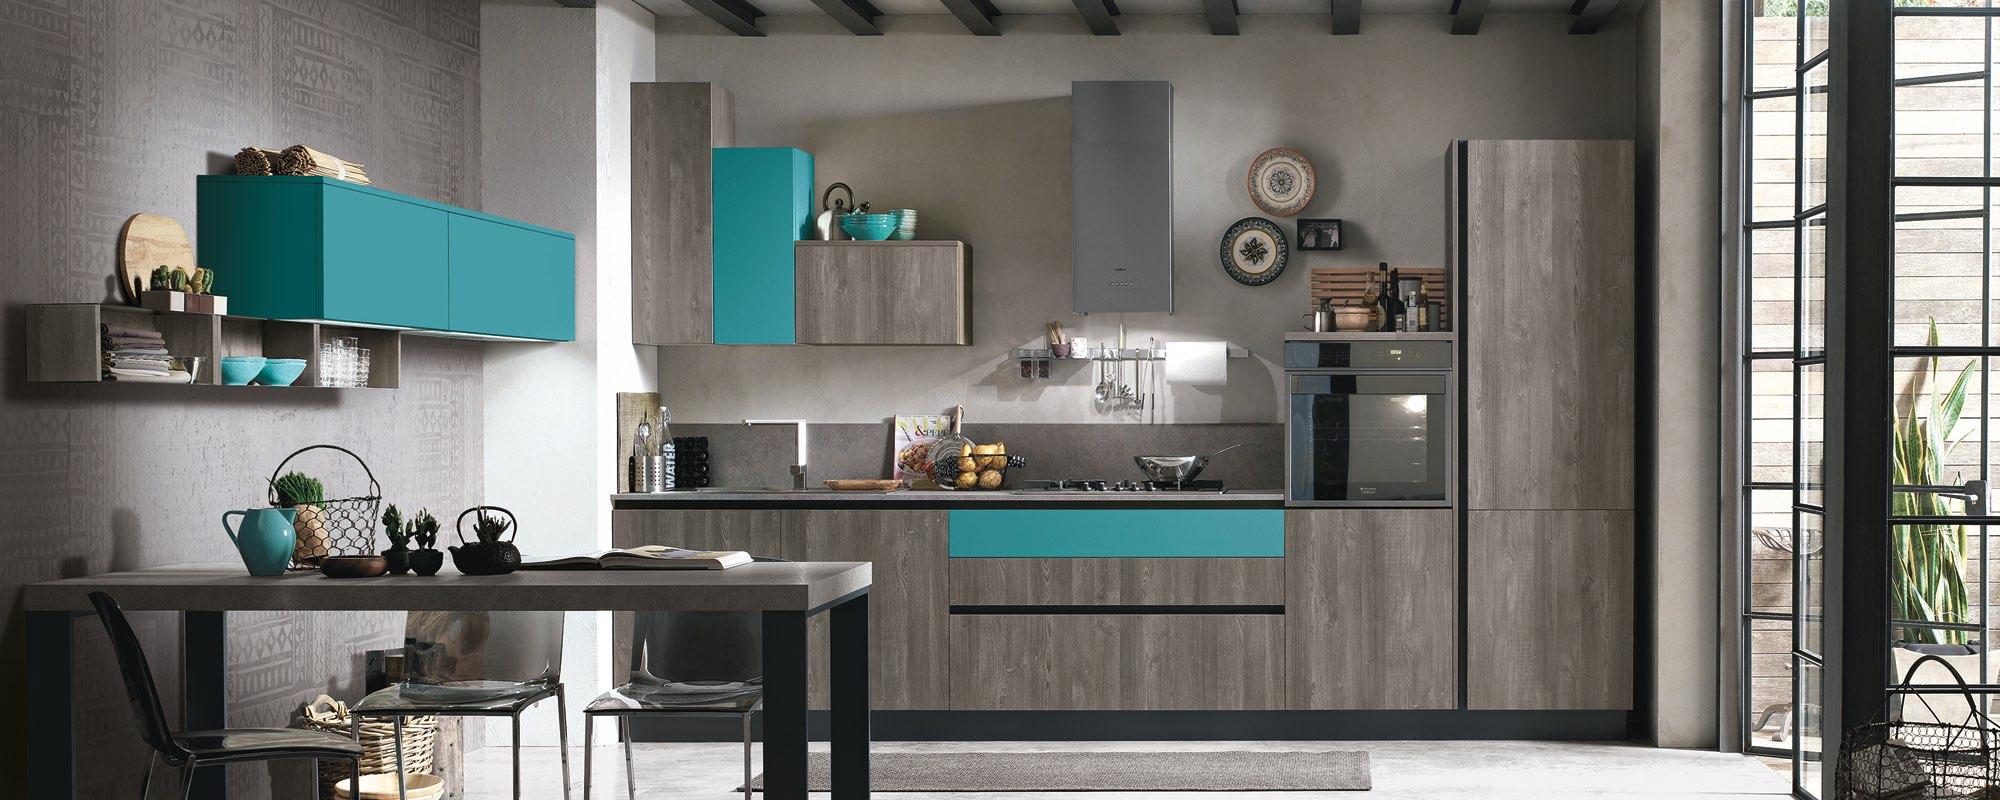 Per una cucina per esempio, il colore 1 corrisponde al colore dei mobili a cui si aggiungono 2 colori diversi per le pareti. Colori Cucina Quali Scegliere I 7 Colori Suggeriti Da Stosa Arredamenti Benevelli